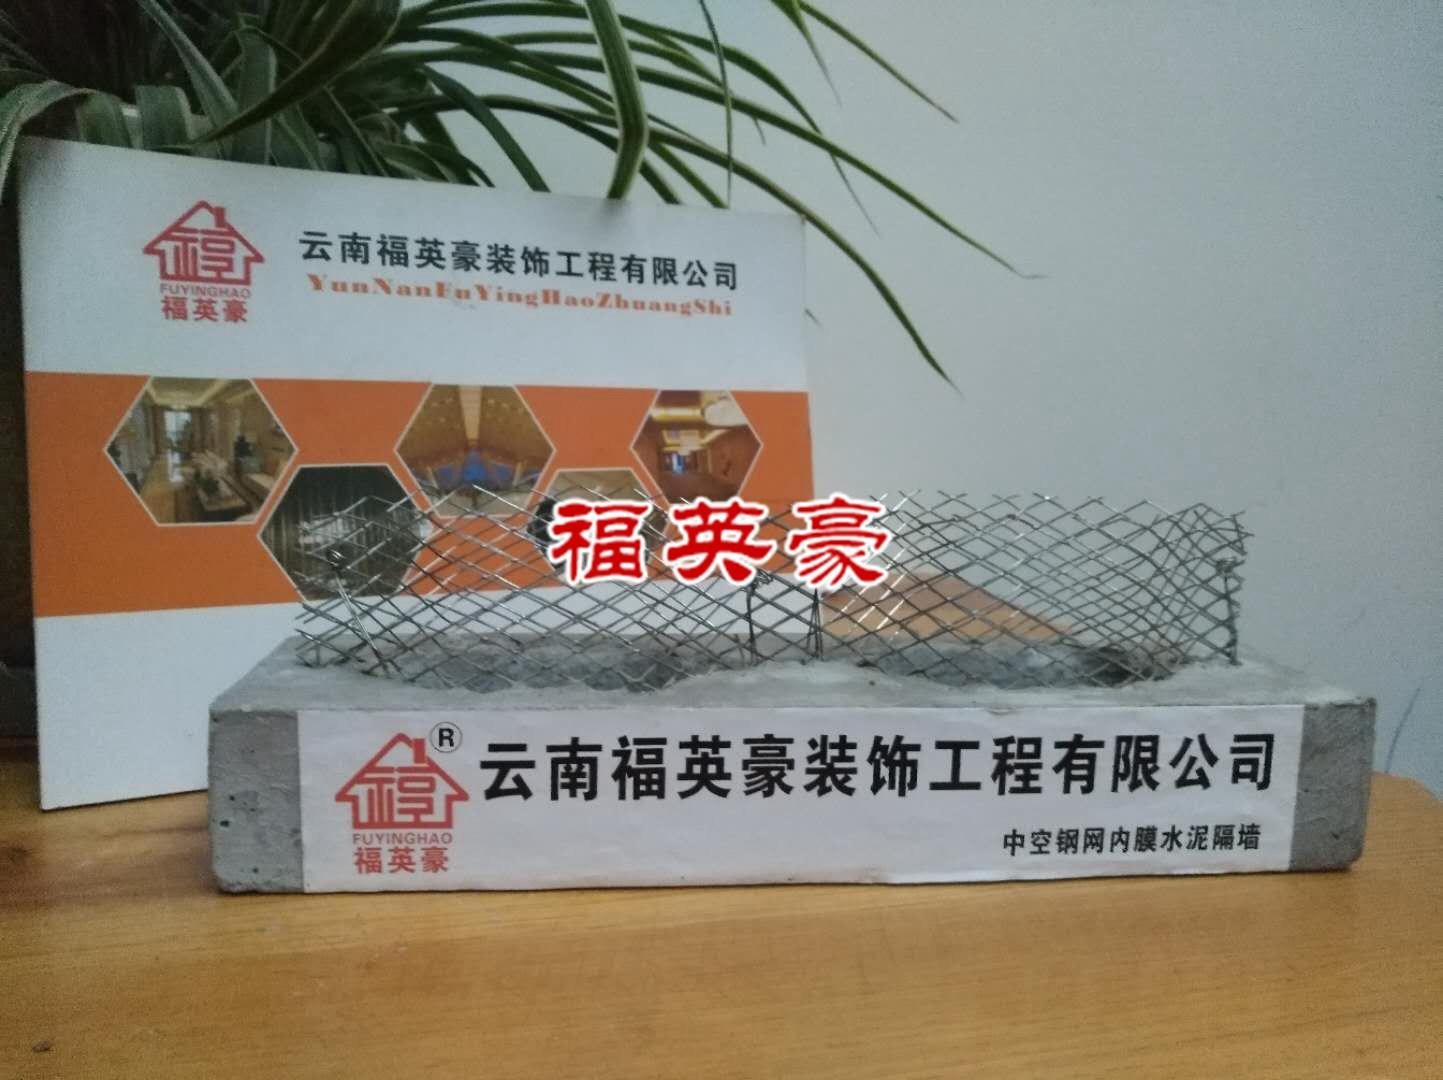 中空钢网内膜水泥隔墙